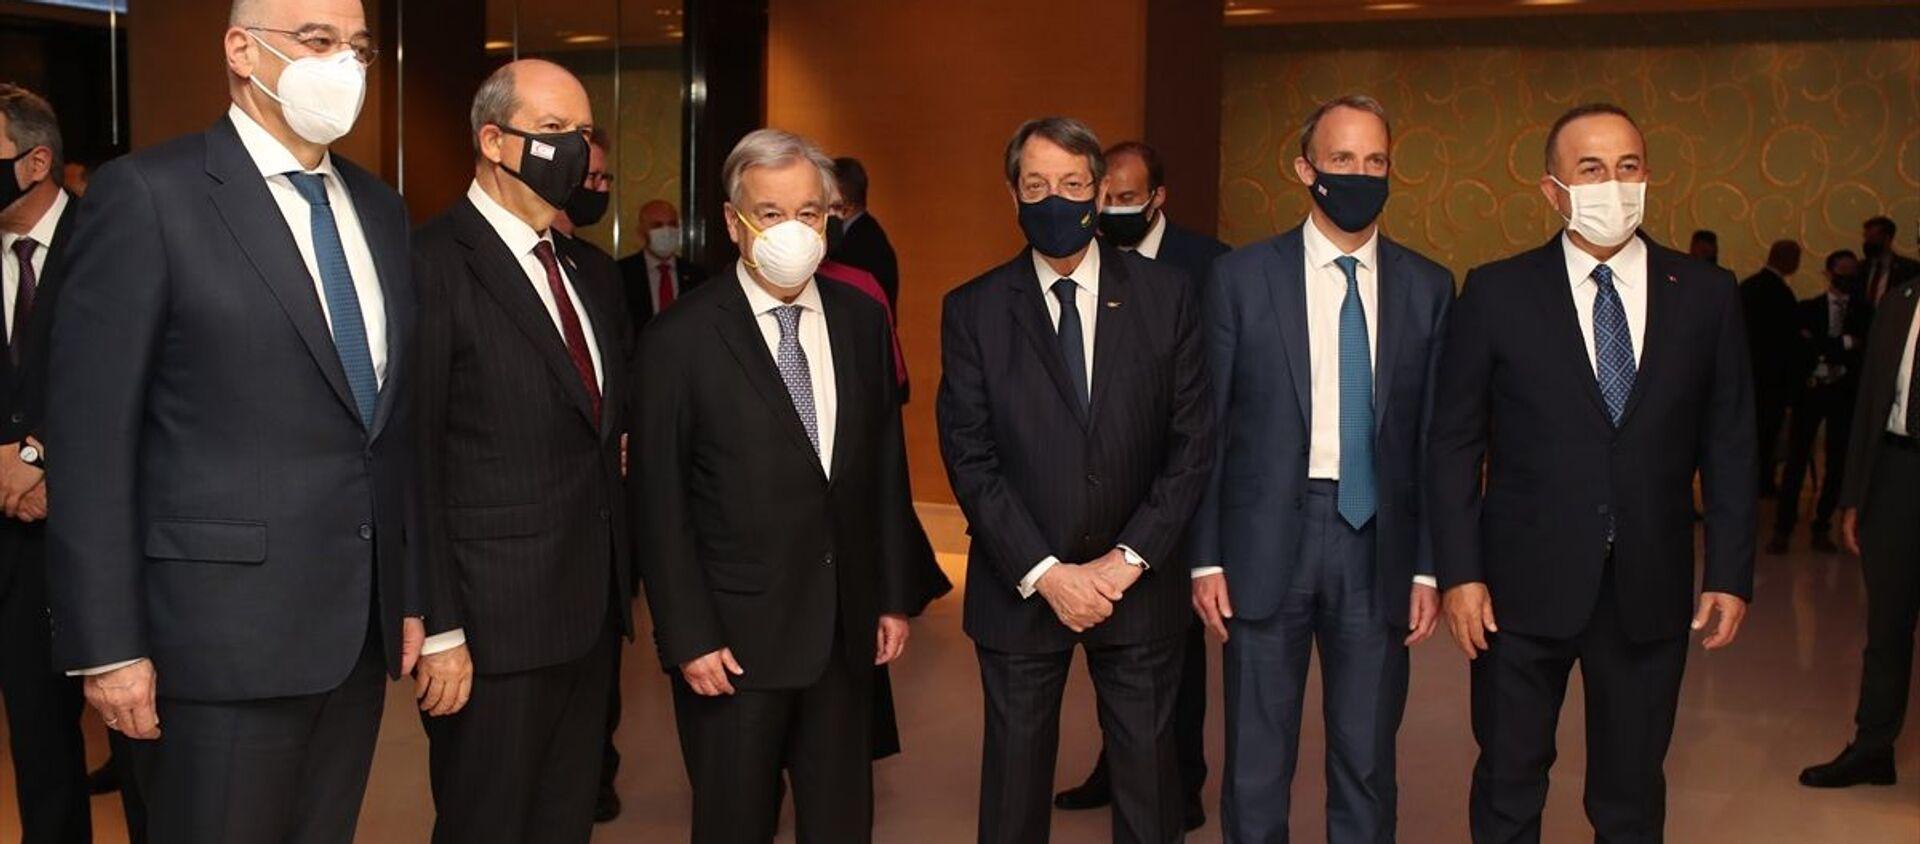 BM Genel Sekreteri Antonio Guterres, İsviçre'nin Cenevre kentinde düzenlenecek gayrıresmi Kıbrıs Konferansı öncesi taraflara resepsiyon verdi. Resepsiyona KKTC Cumhurbaşkanı Ersin Tatar (sol 2), Dışişleri Bakanı Mevlüt Çavuşoğlu (sağda), BM Genel Sekreteri Antonio Guterres (sol 3), İngiltere Dışişleri Bakanı Dominic Raab (sağ 2), Yunanistan Dışişleri Bakanı Nikos Dendias (solda)ve Kıbrıs Rum Kesimi Lideri Nikos Anastasiadis (sağ 3) katıldı. - Sputnik Türkiye, 1920, 28.04.2021